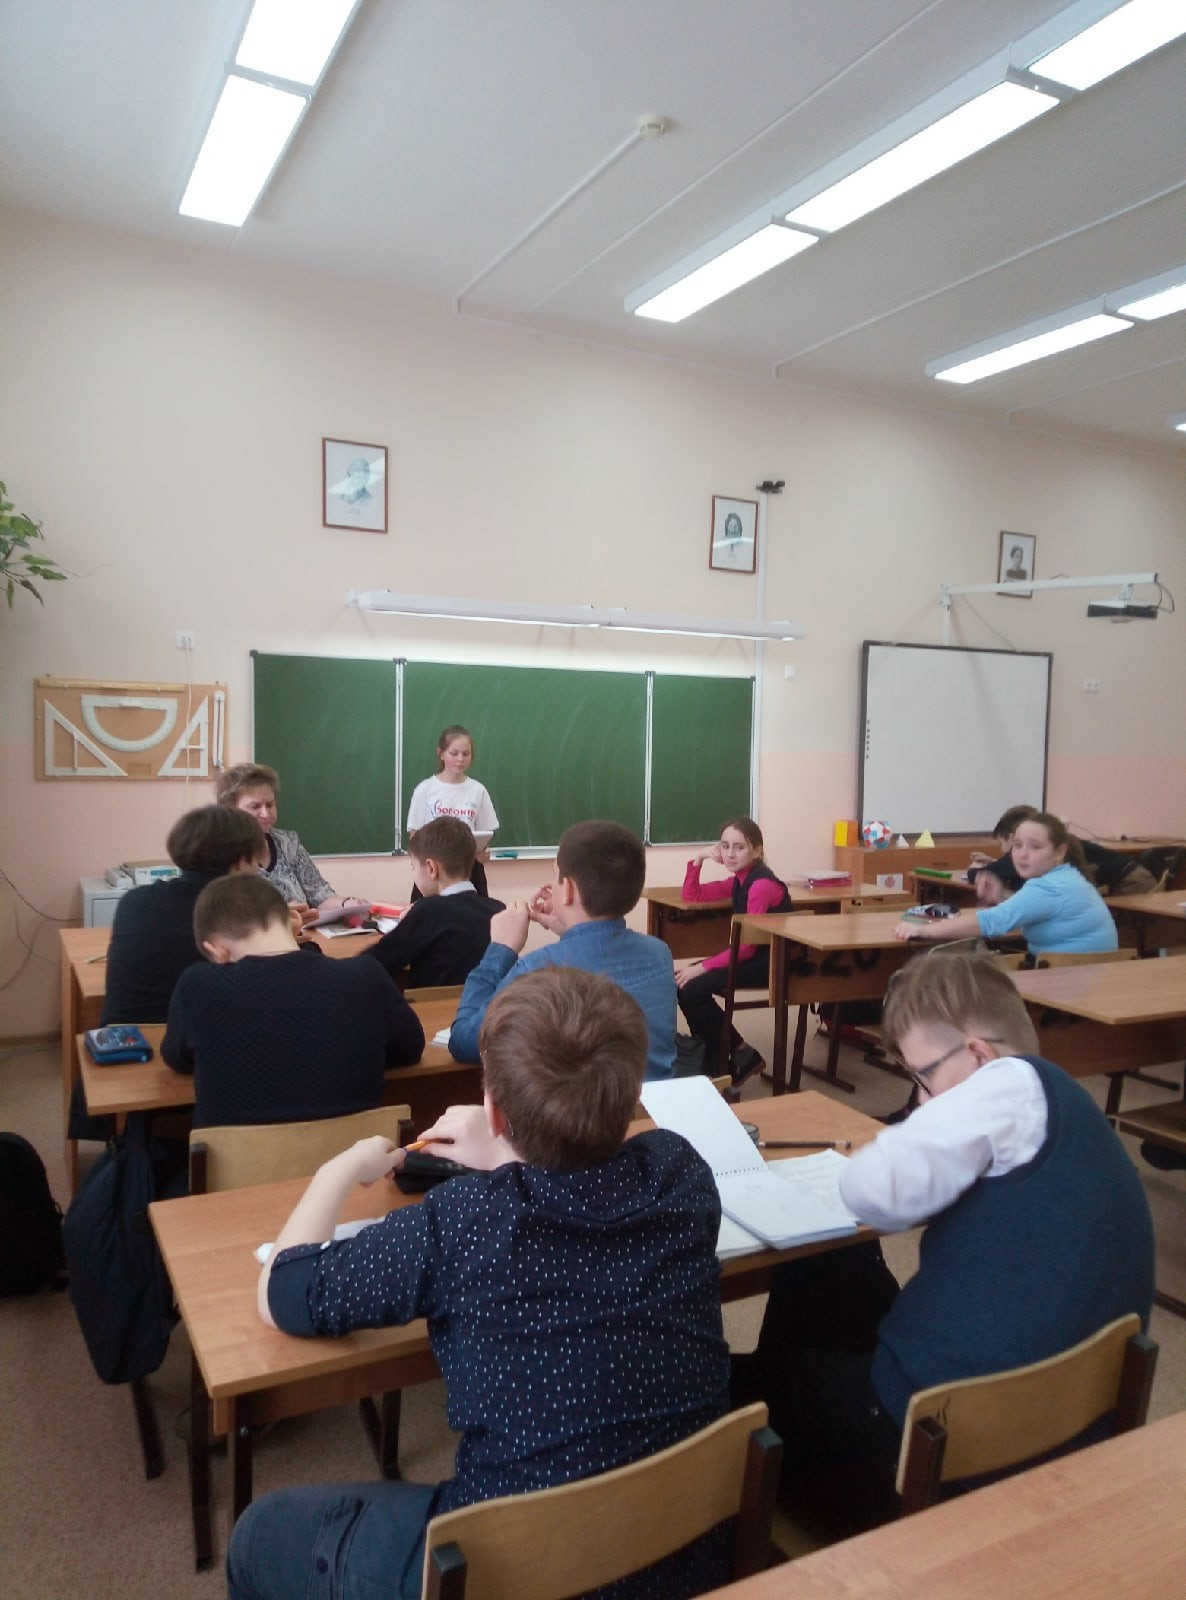 #ЛекцияПАВ@volonter_kizner  Лекция ПАВ  Сегодня, 20 января, в Кизнерской средней